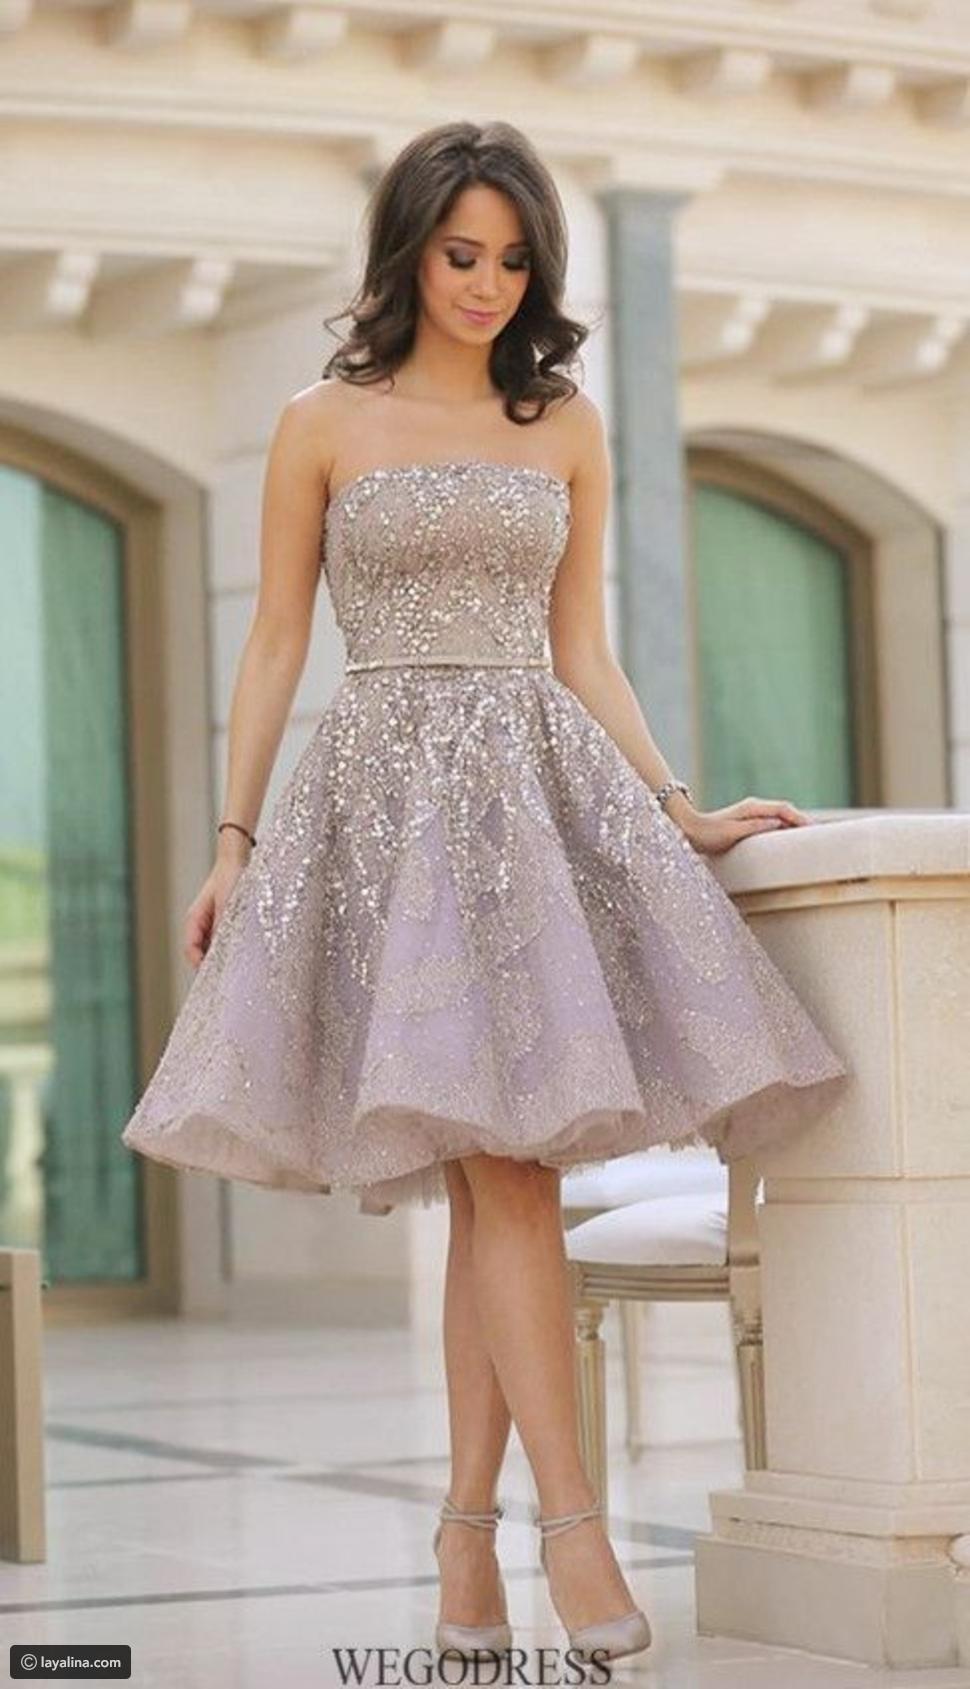 بالصور فساتين قصيرة تركية , بالصور اجمل الفساتين التركيه القصيره 110 5